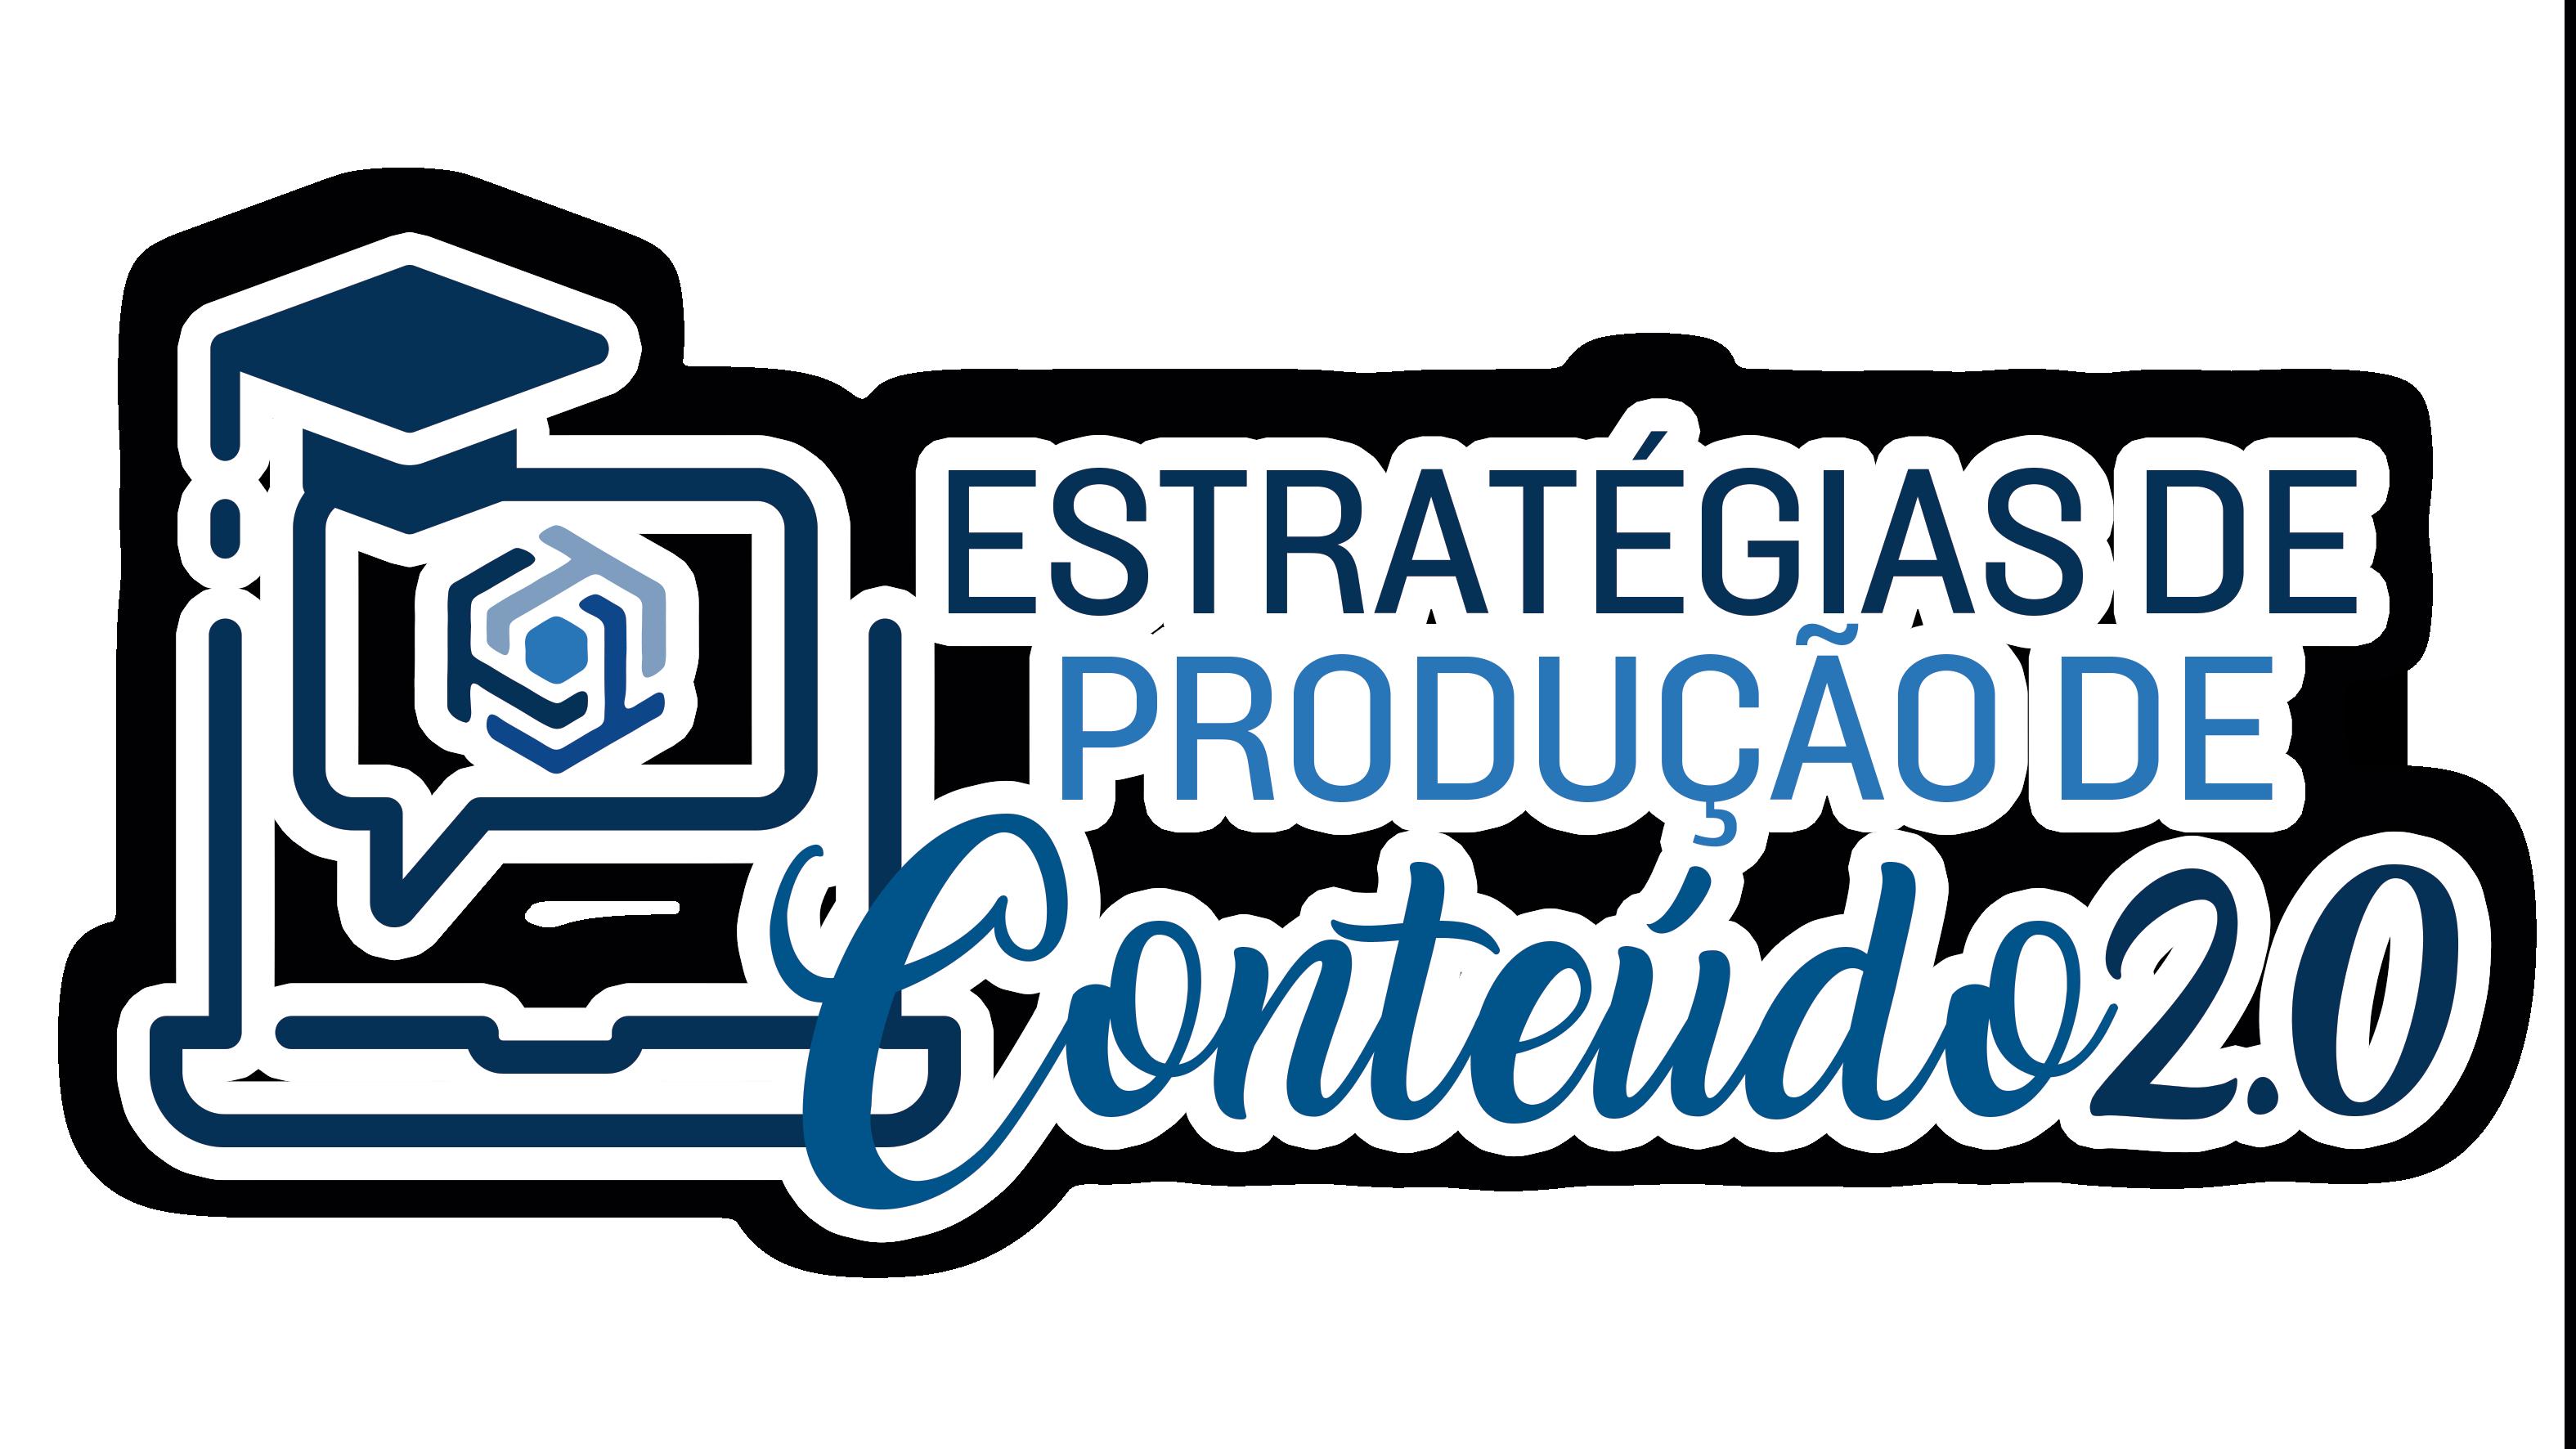 Estratégias de Produção de Conteúdos 2.0